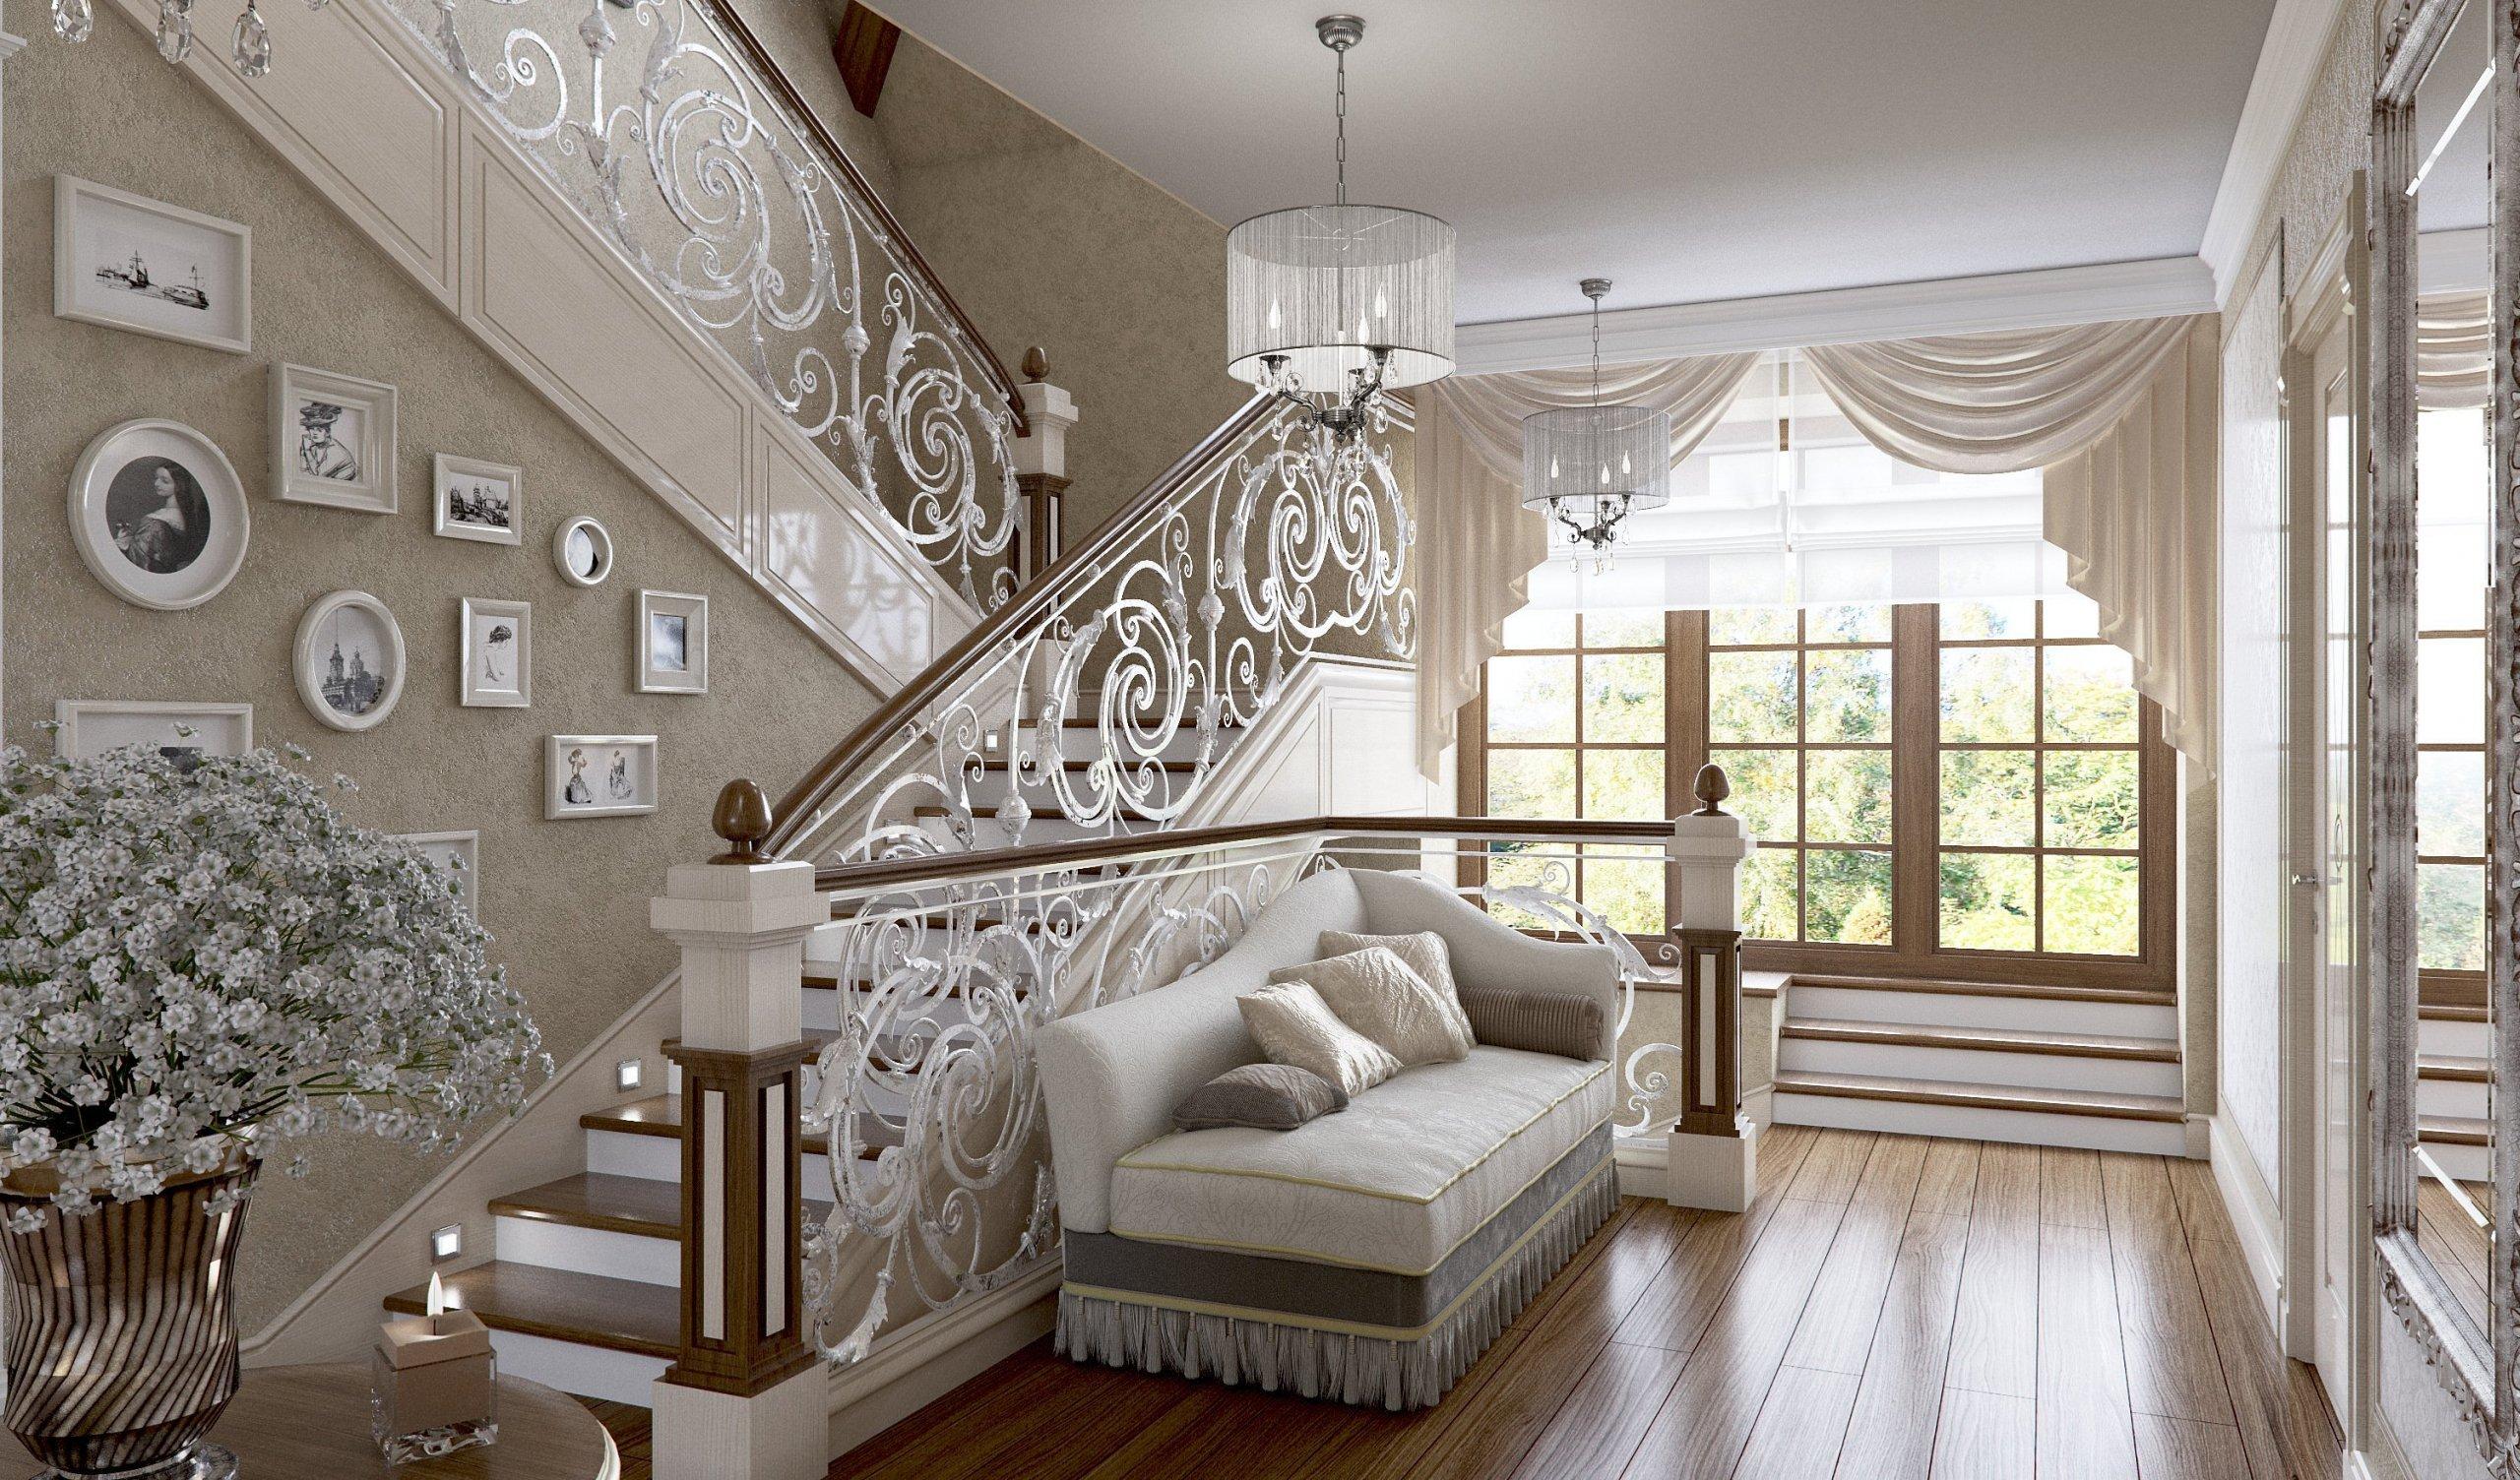 """Privátní rezidence je řešená v klasickém stylu. Dřevěné obložení stěn """"boiserie"""" přidává interiérům nádech luxusu, ale zároveň nepůsobí těžce díky…"""